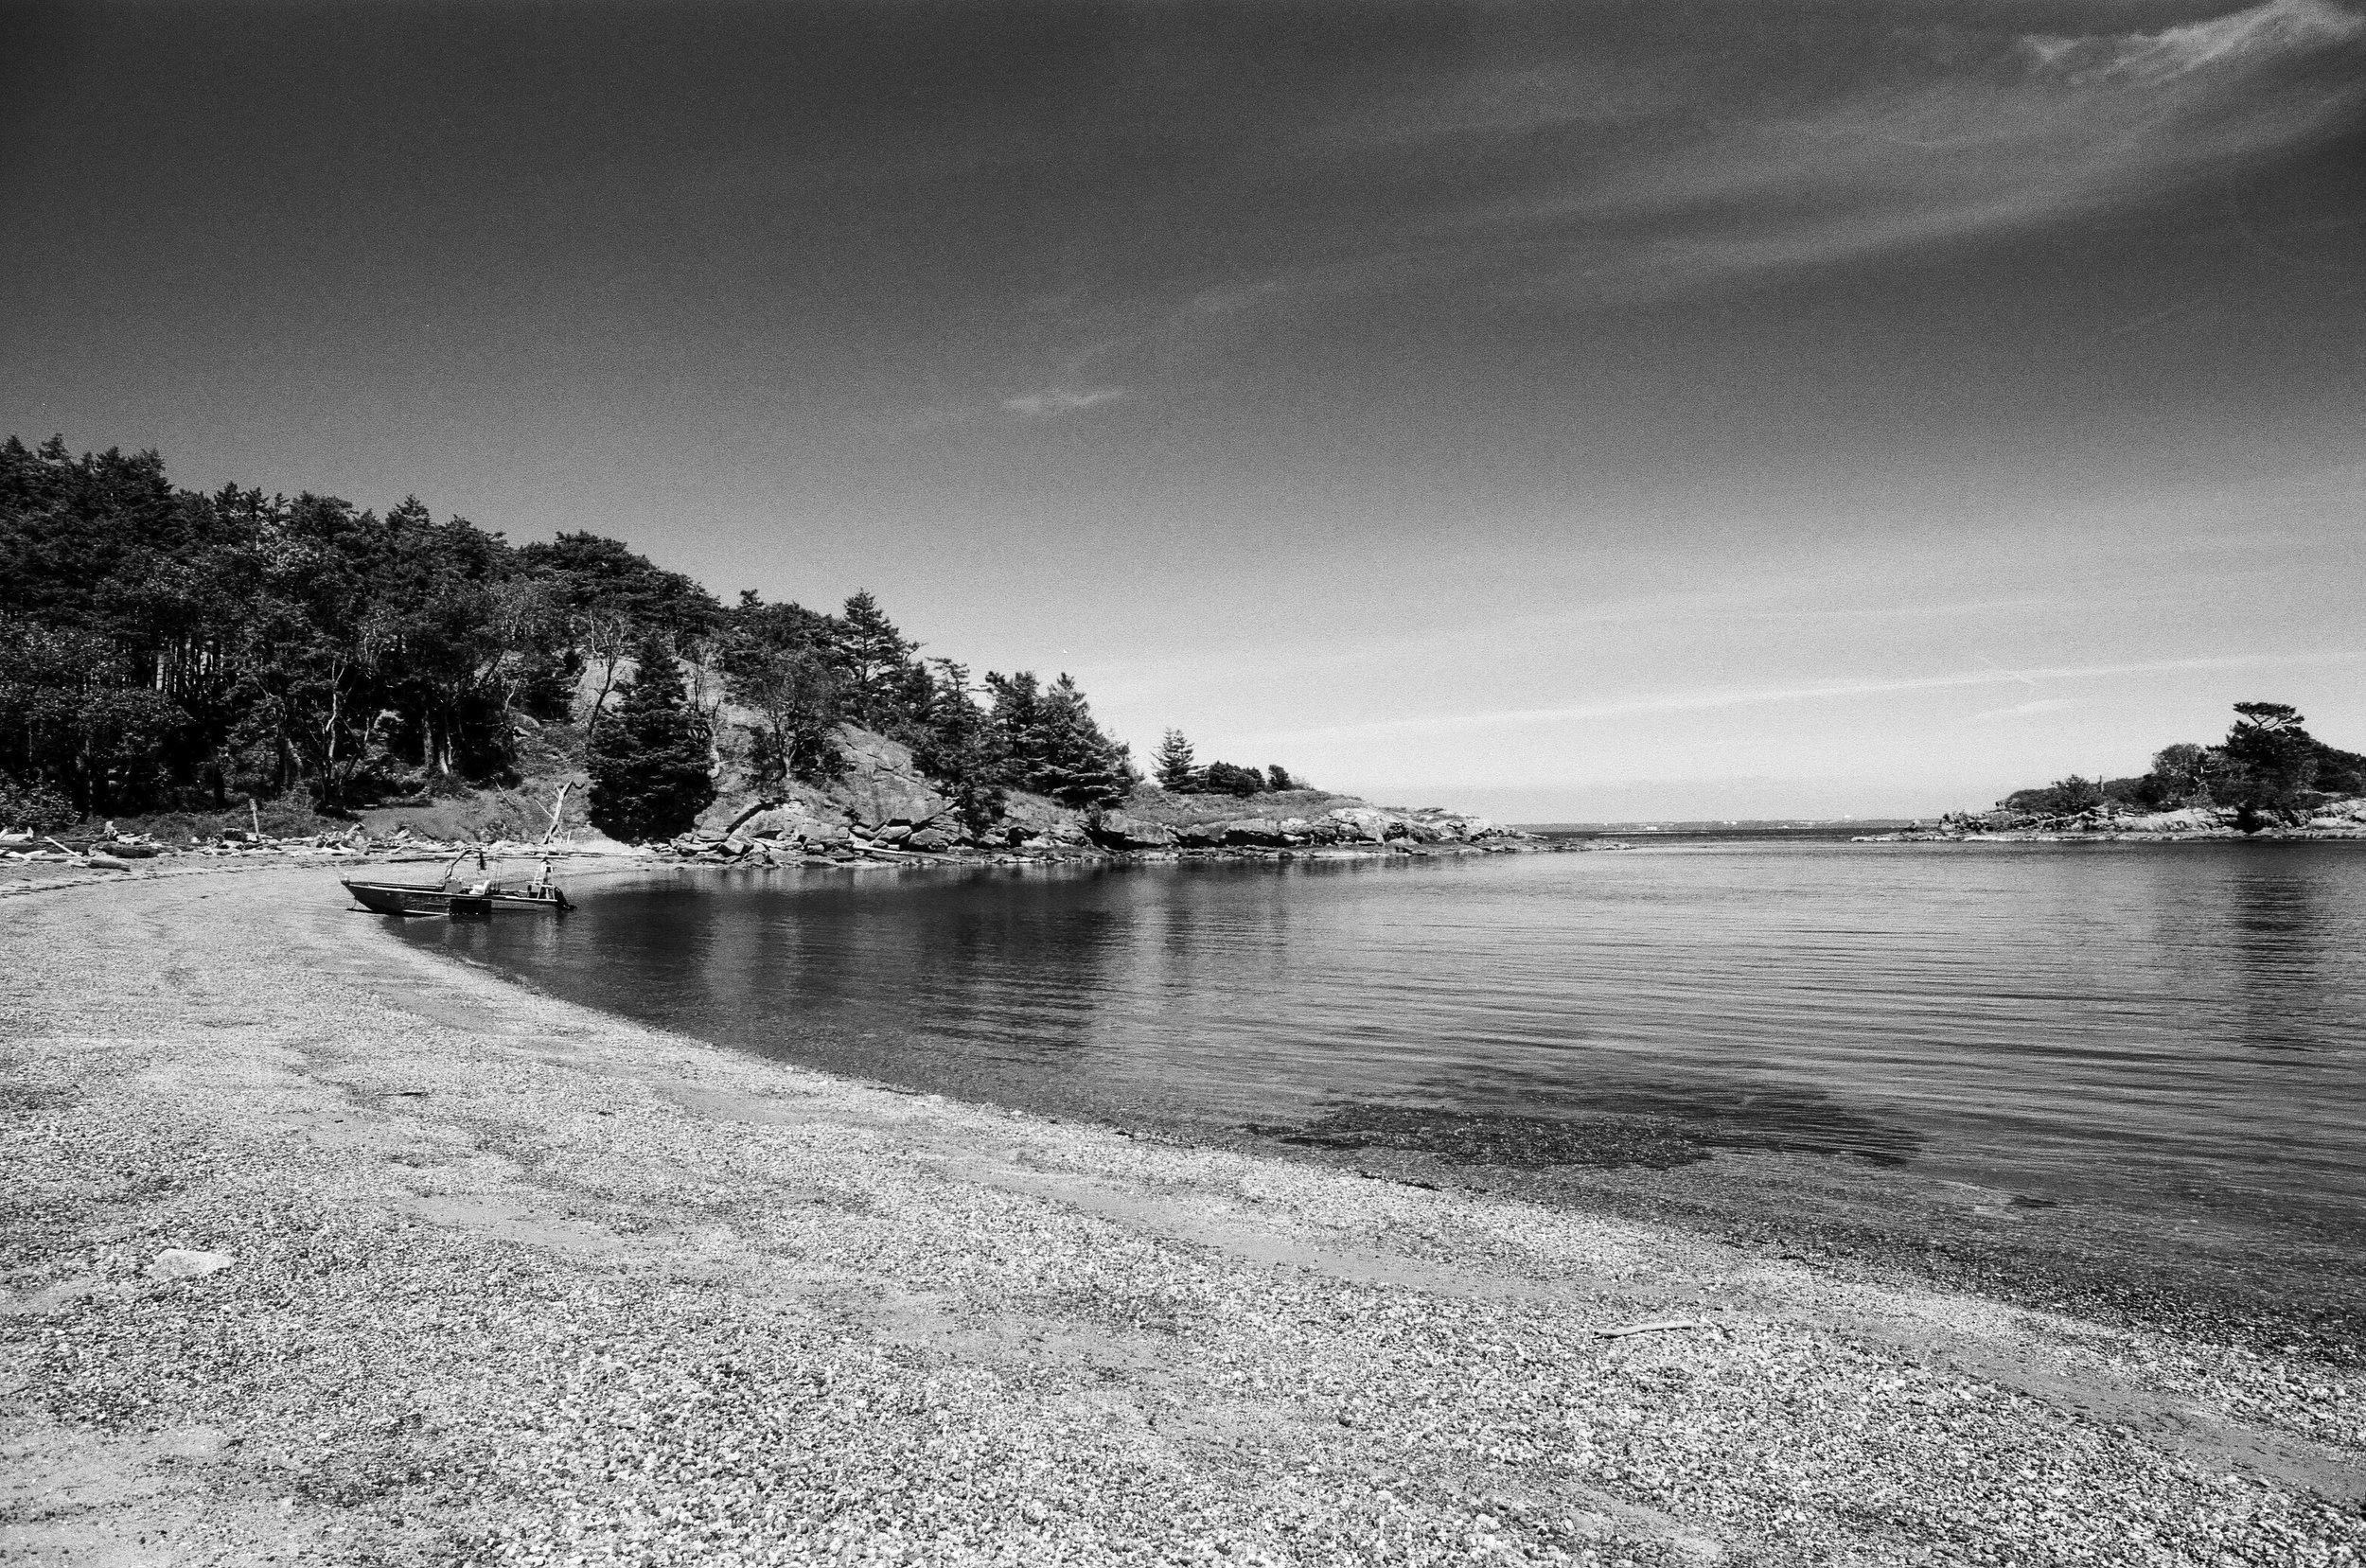 Ewing Cove, Sucia Island, Washington